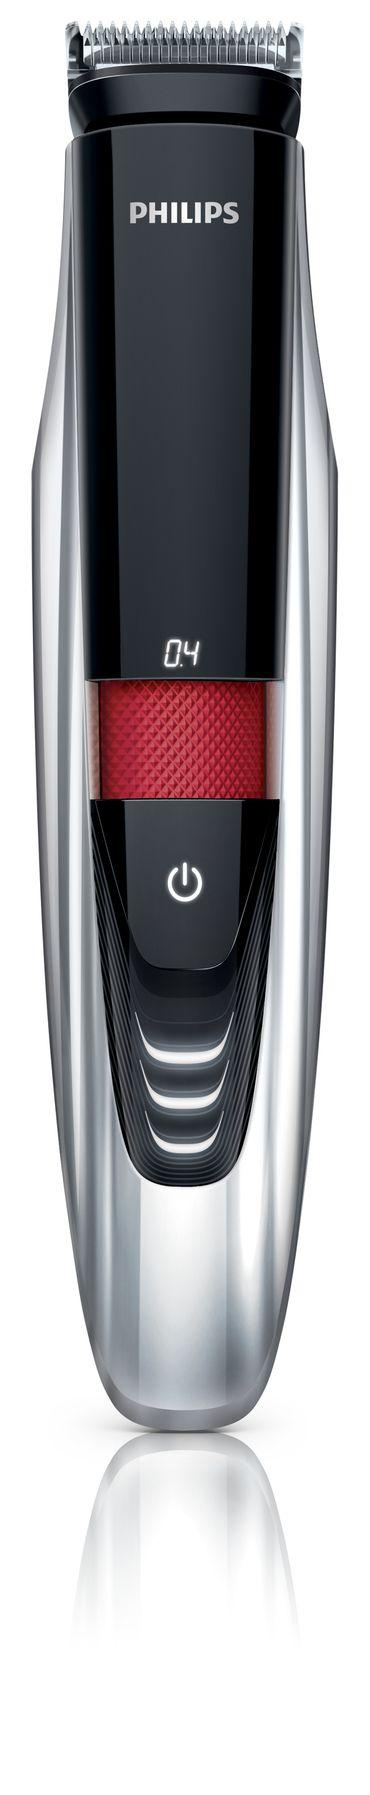 Beardtrimmer series 9000 waterdichte baardtrimmer